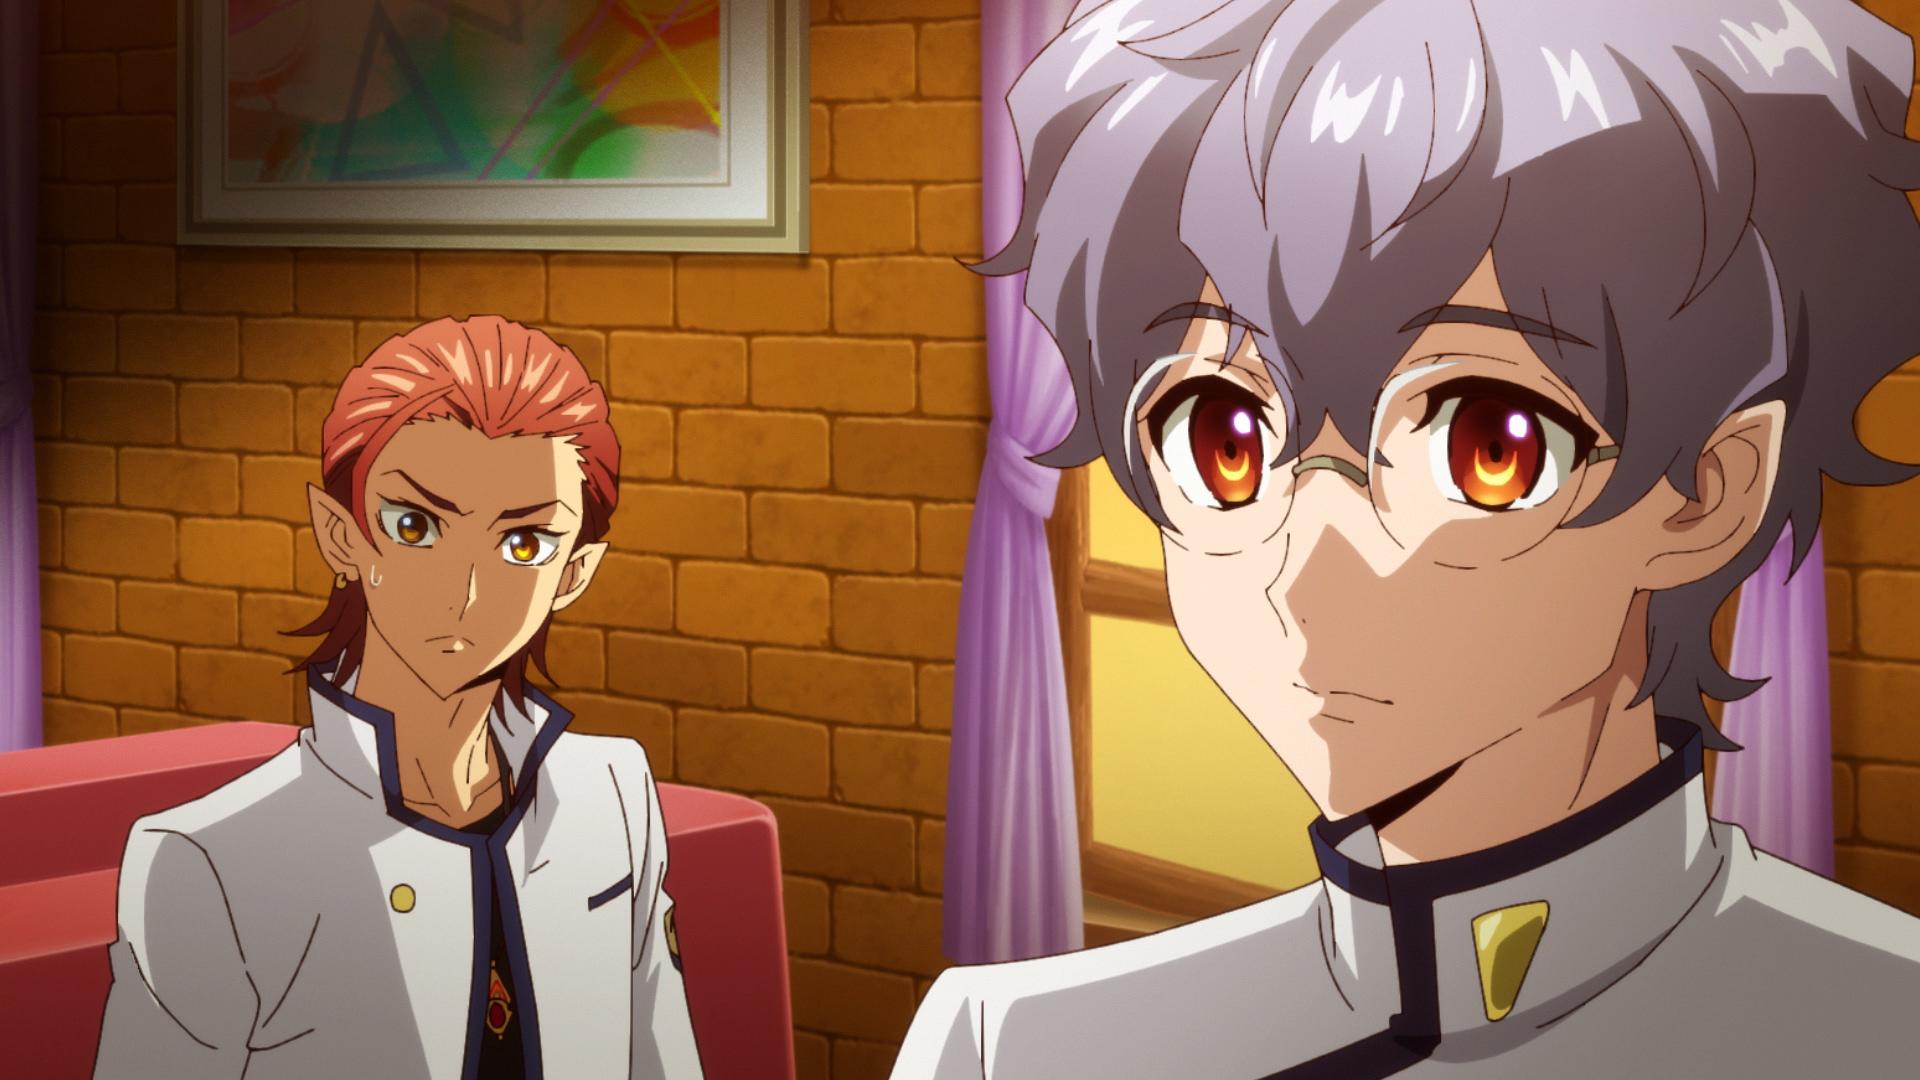 TVアニメ「Fairy蘭丸」焔が漫画のモデルに抜擢!新人漫画家と担当編集者の対立を解決できるのか?